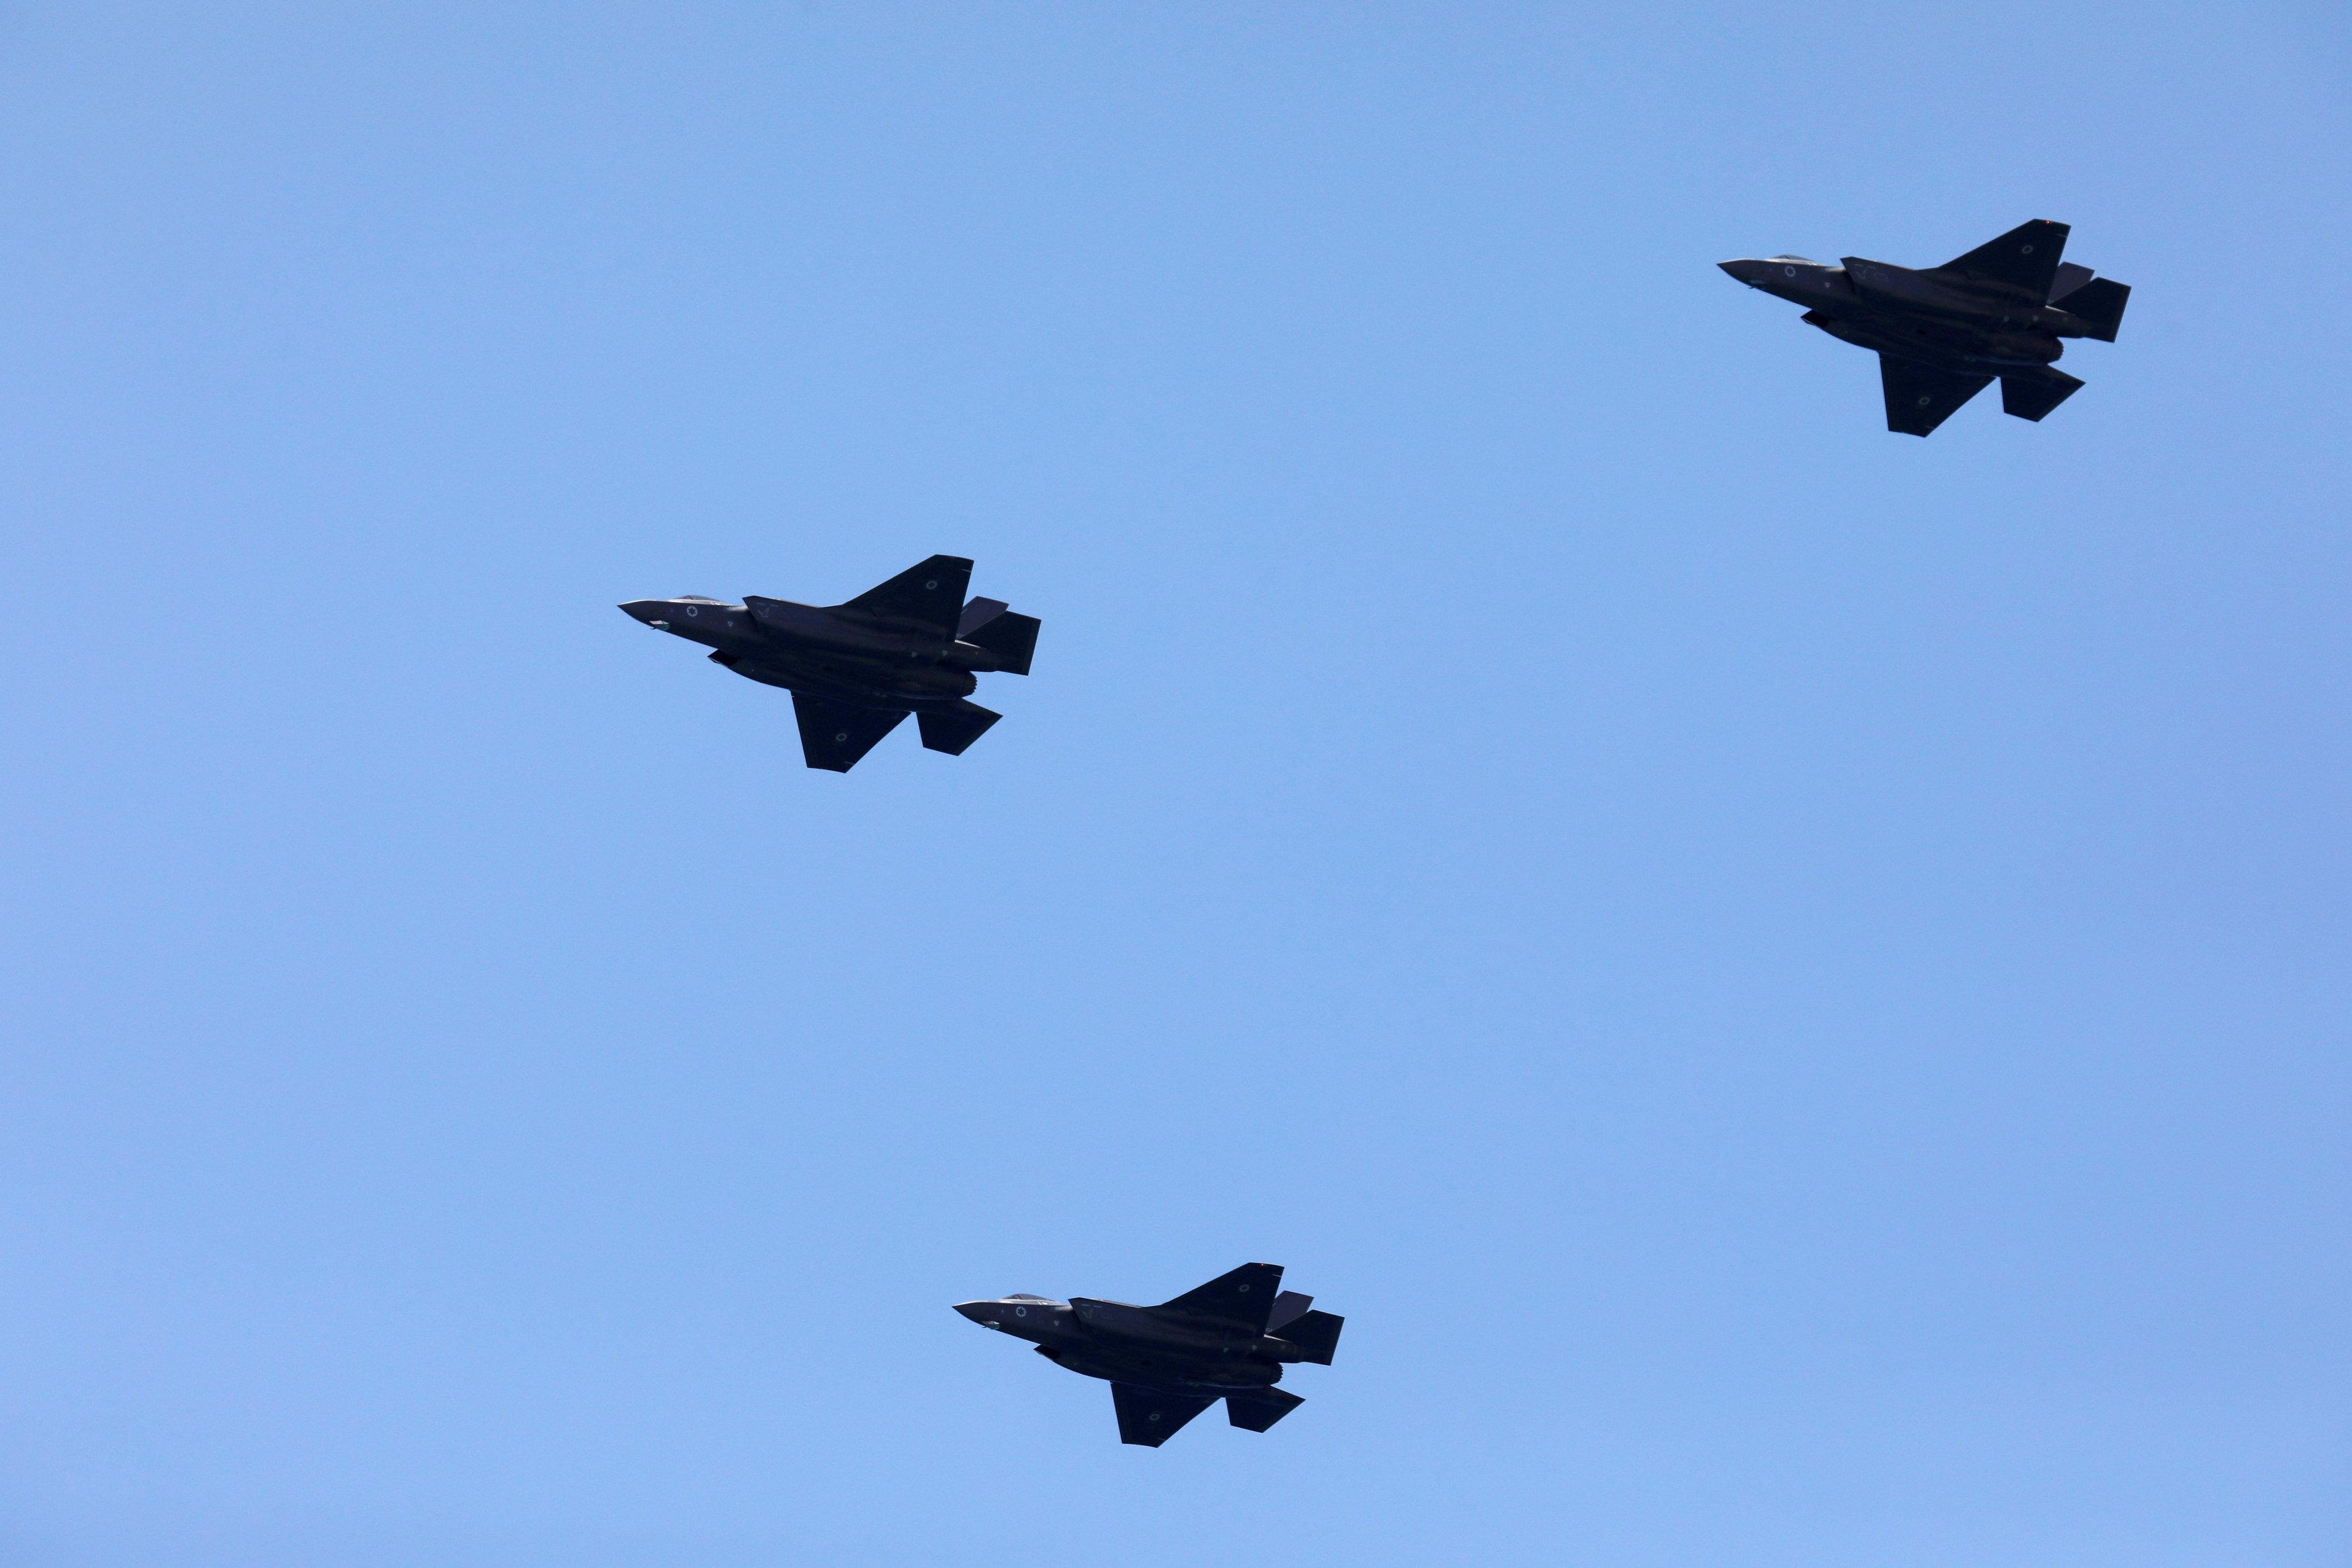 AvionesF-35 de las fuerzas israelís. (REUTERS/Amir Cohen/File Photo)